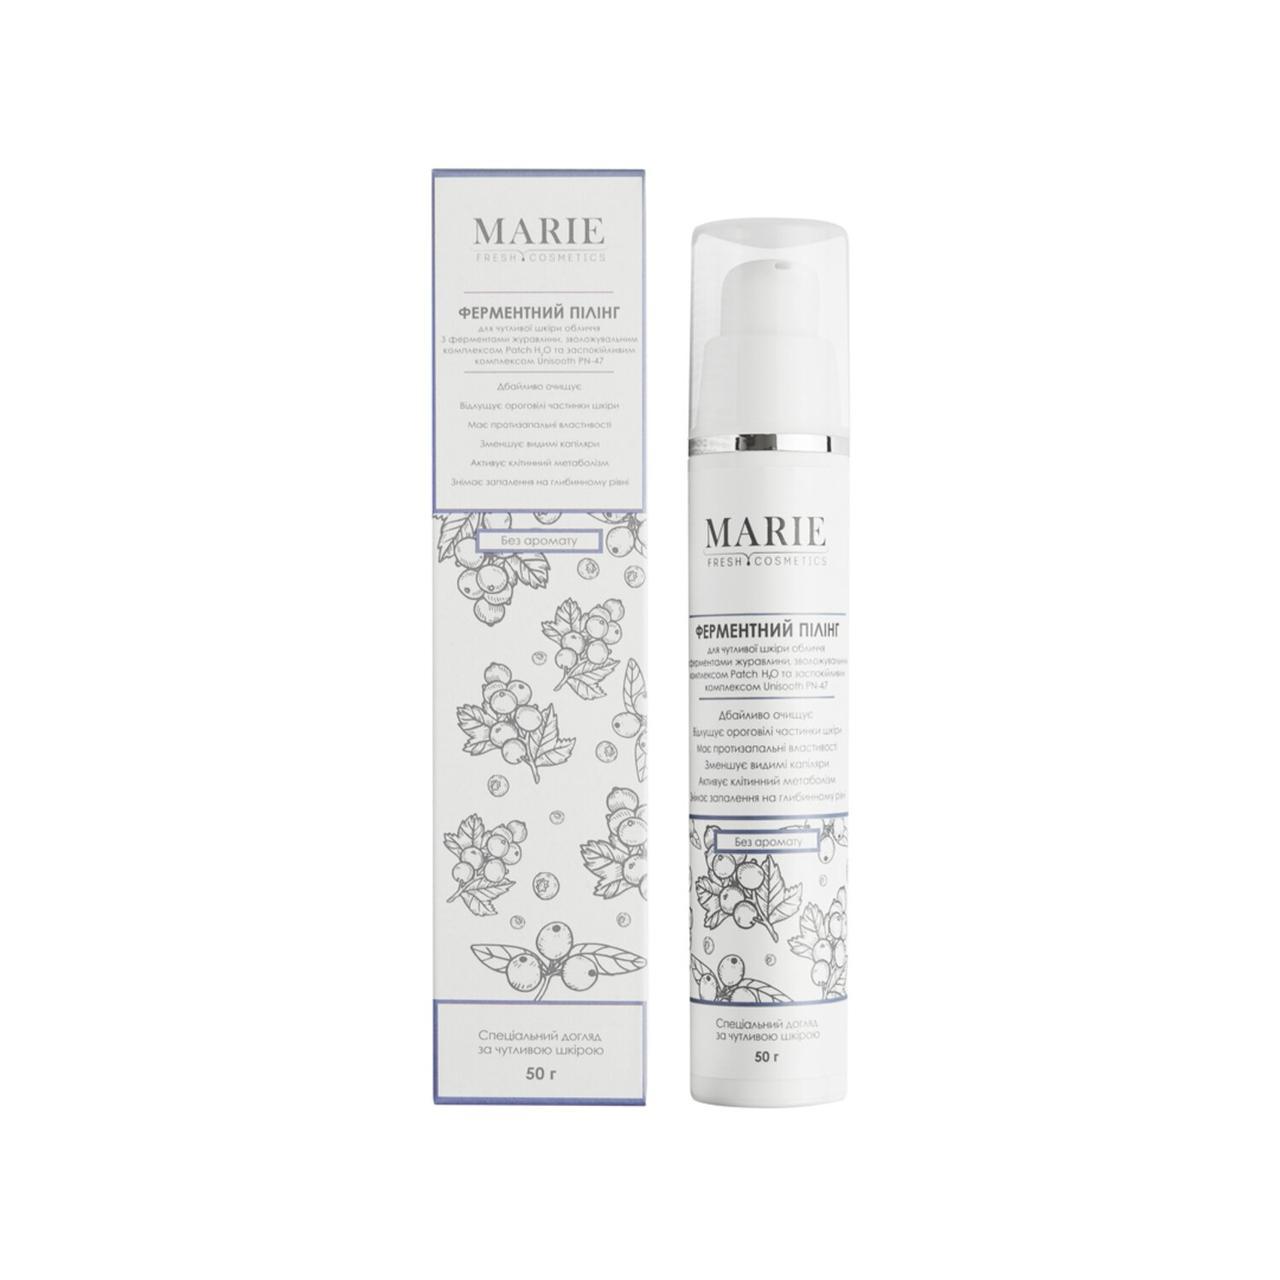 Ферментный пилинг для чувствительной кожи, Marie Fresh, 50 г